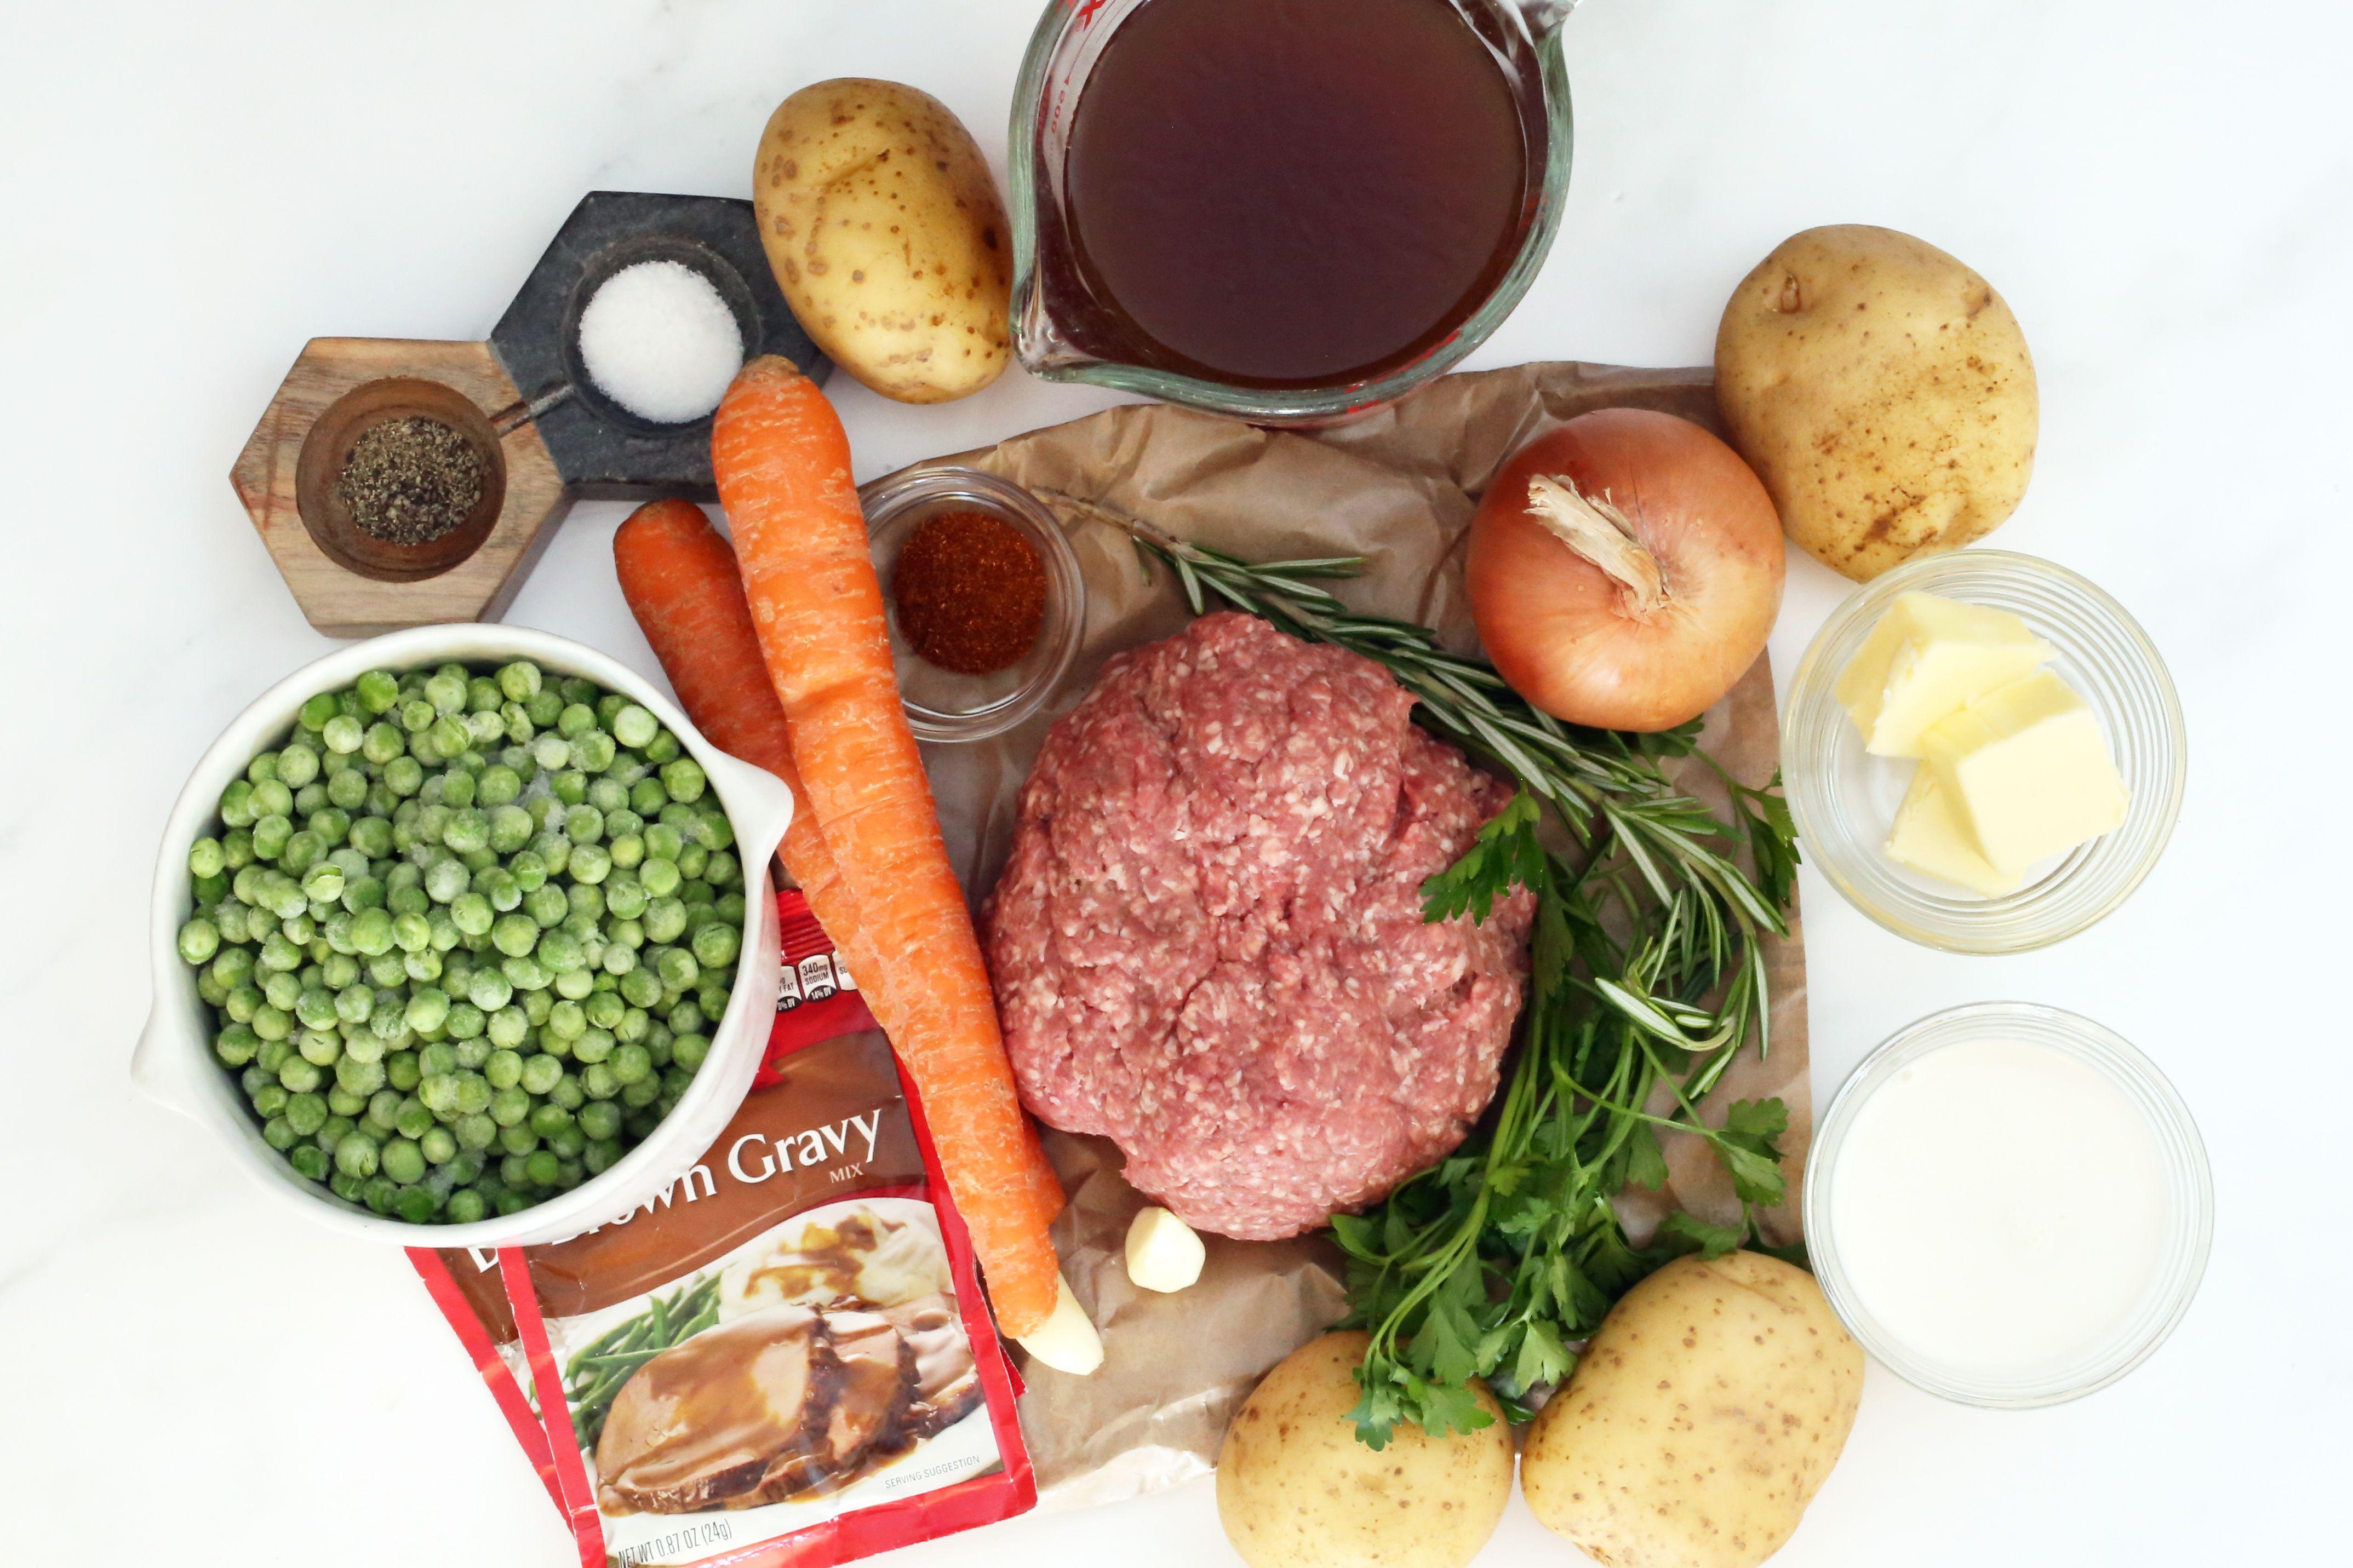 Ingredients for the Instant Pot shepherd's pie